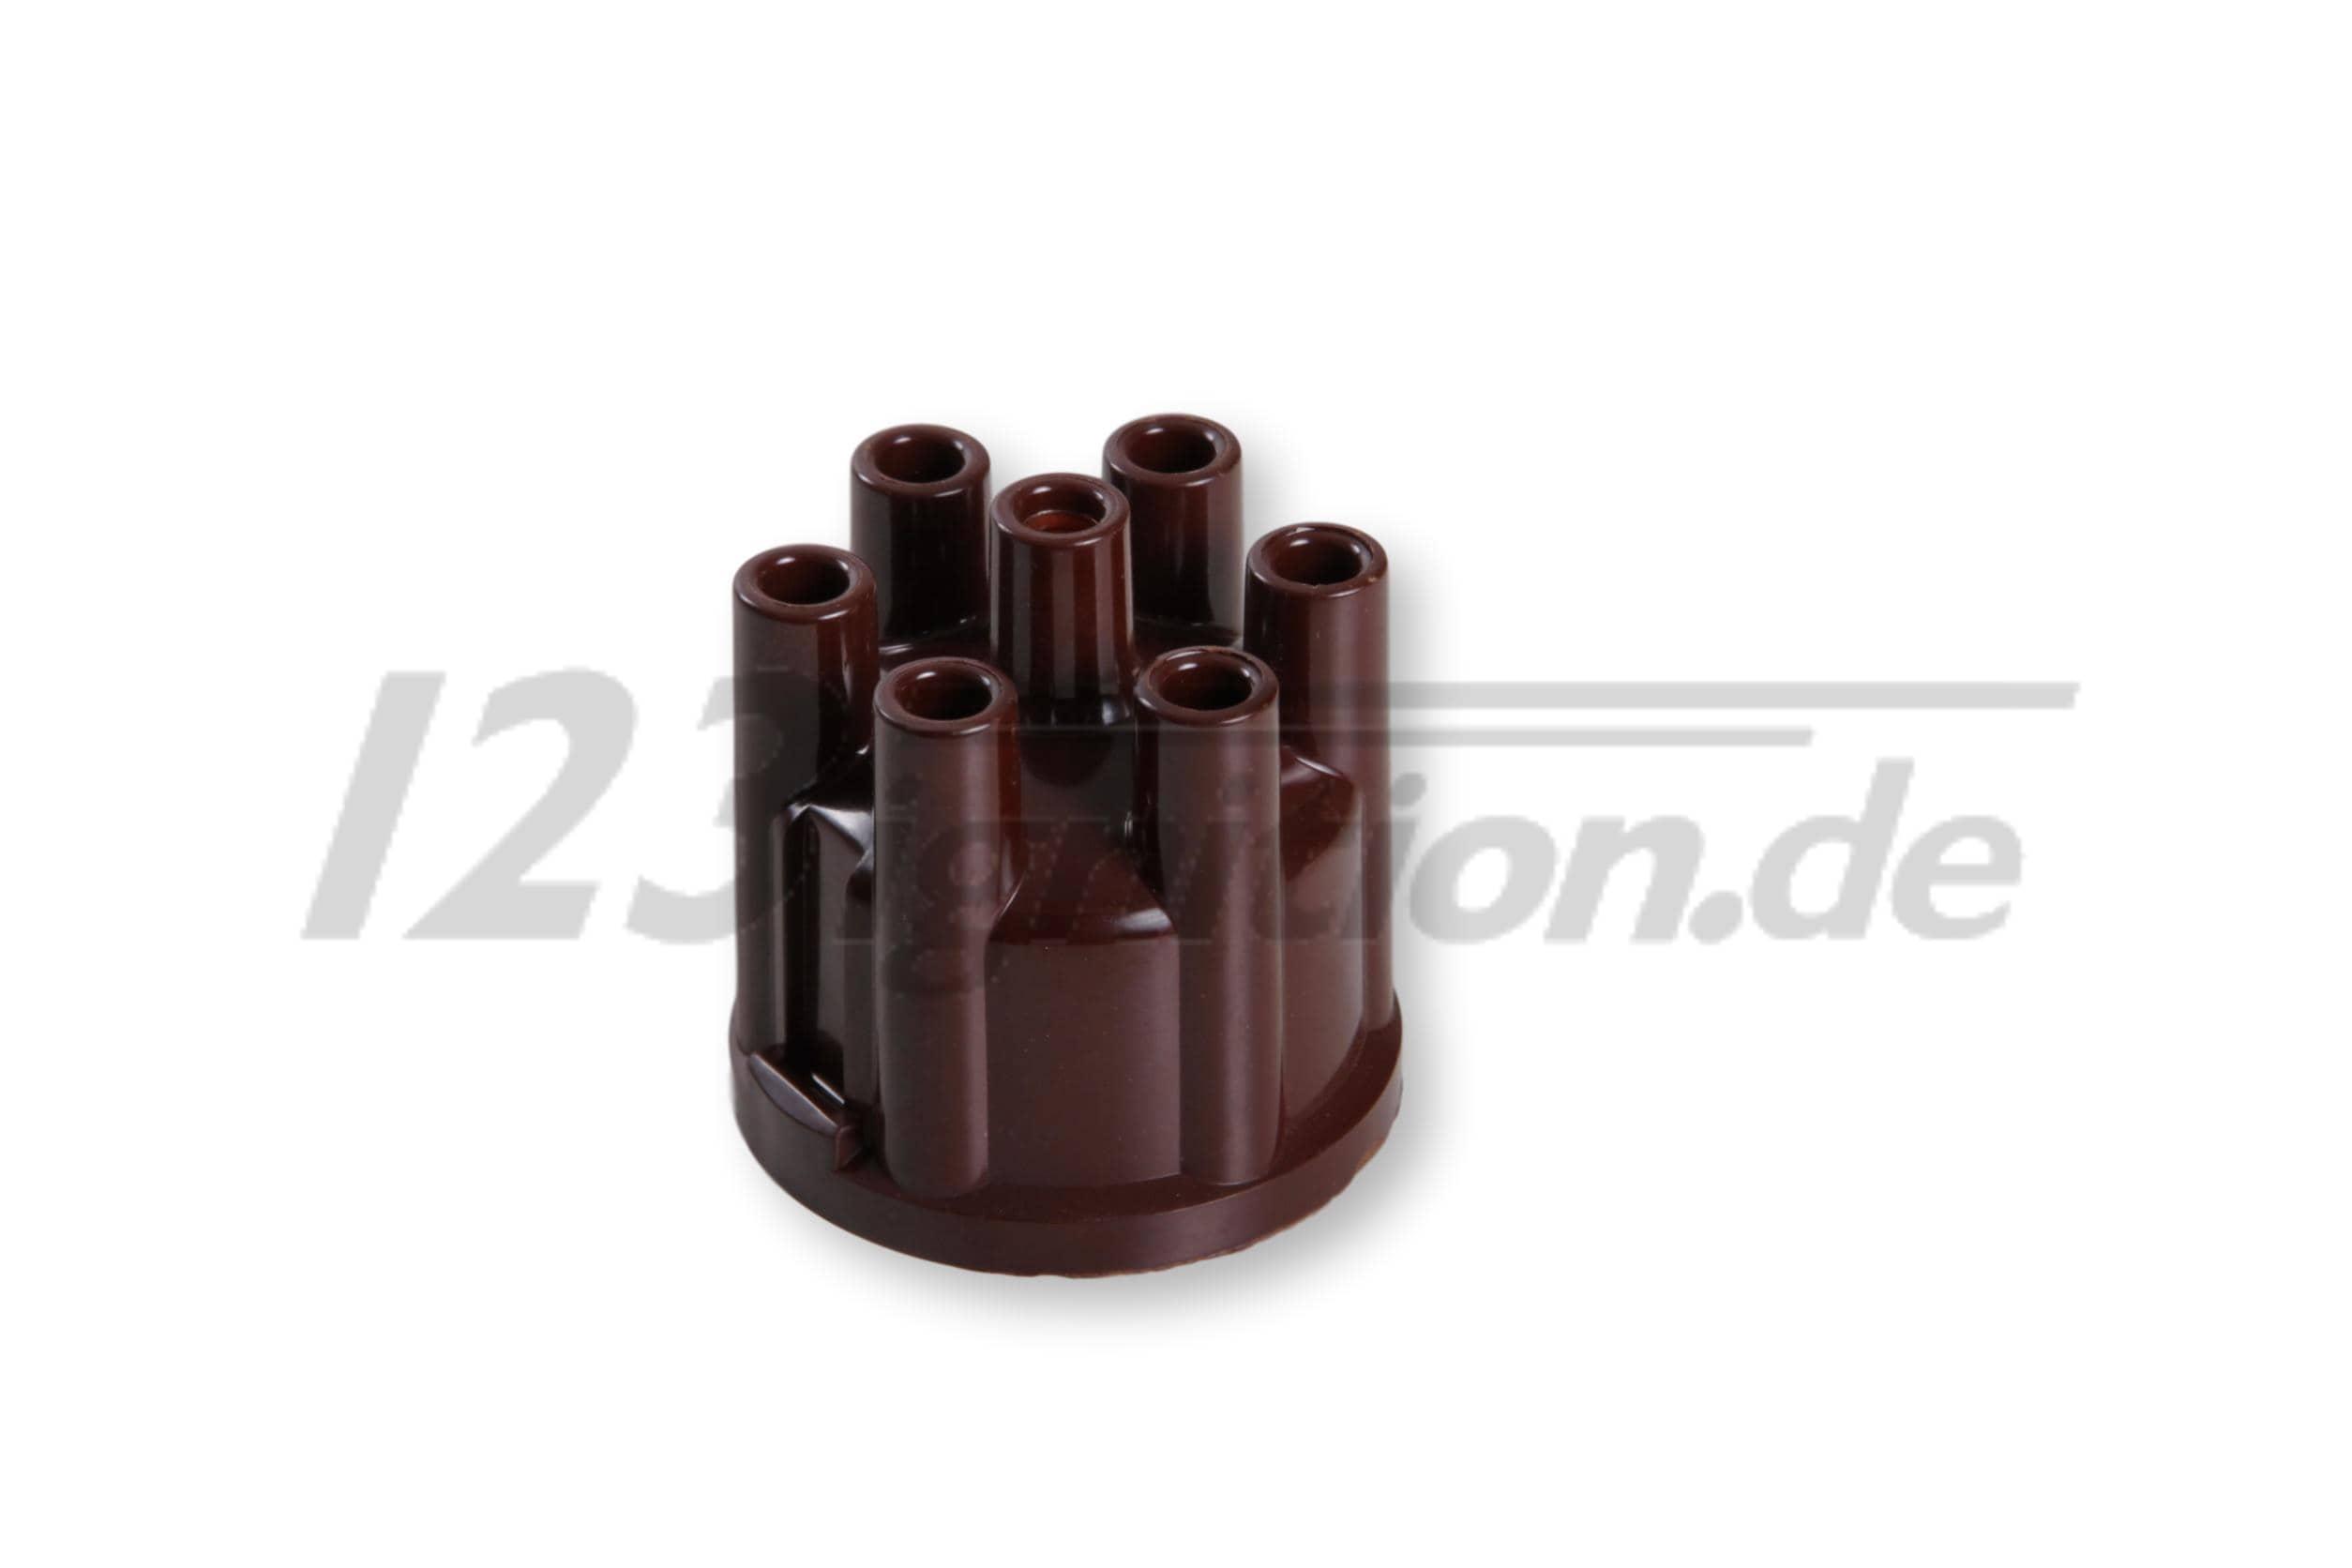 Verteilerkappe 6 Zylinder 123 ignition